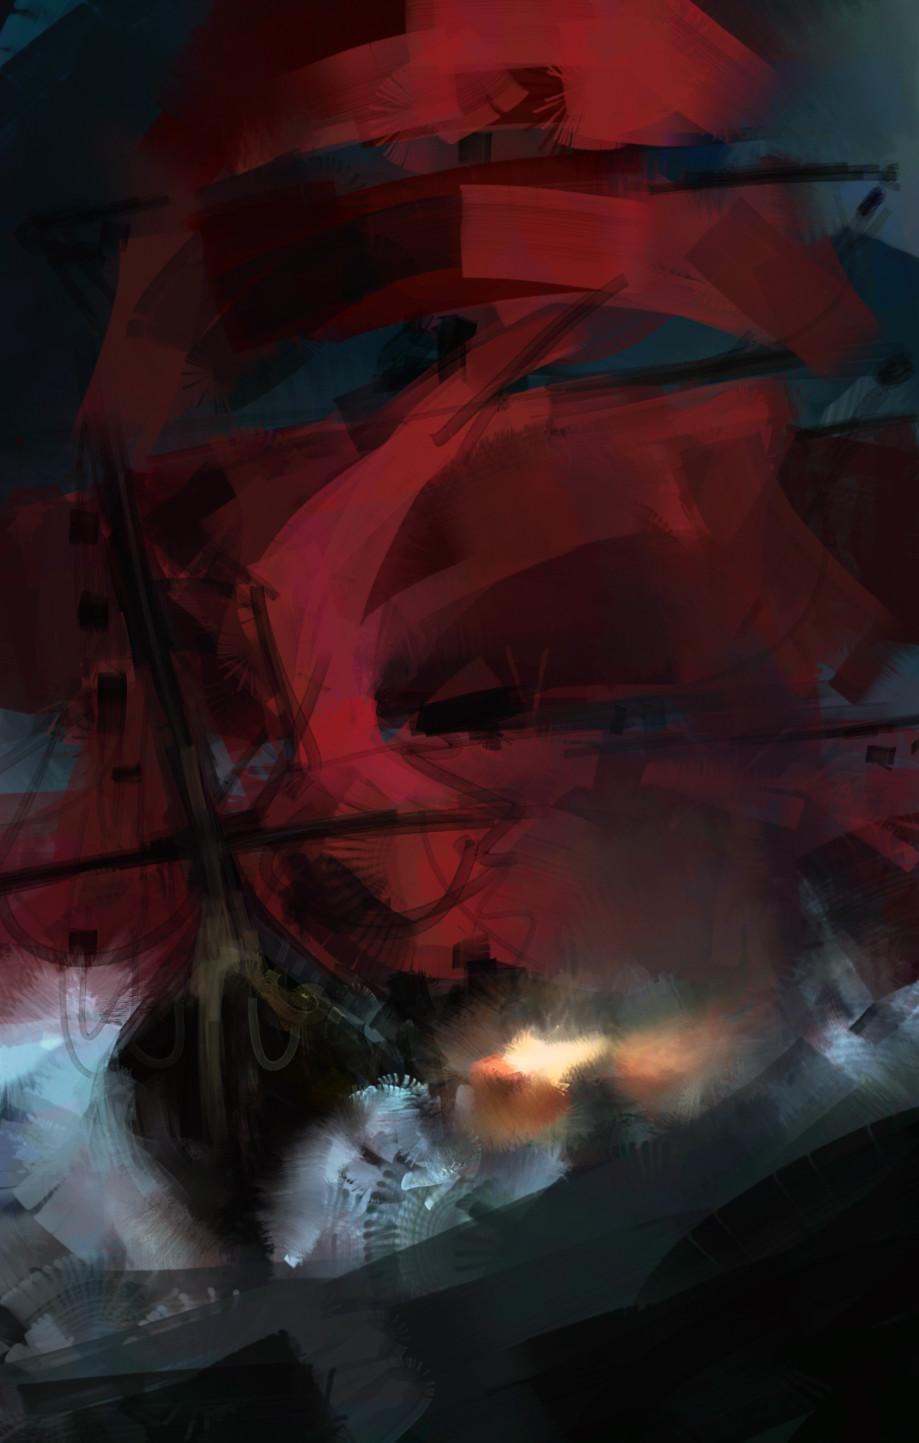 Jack dowell ship